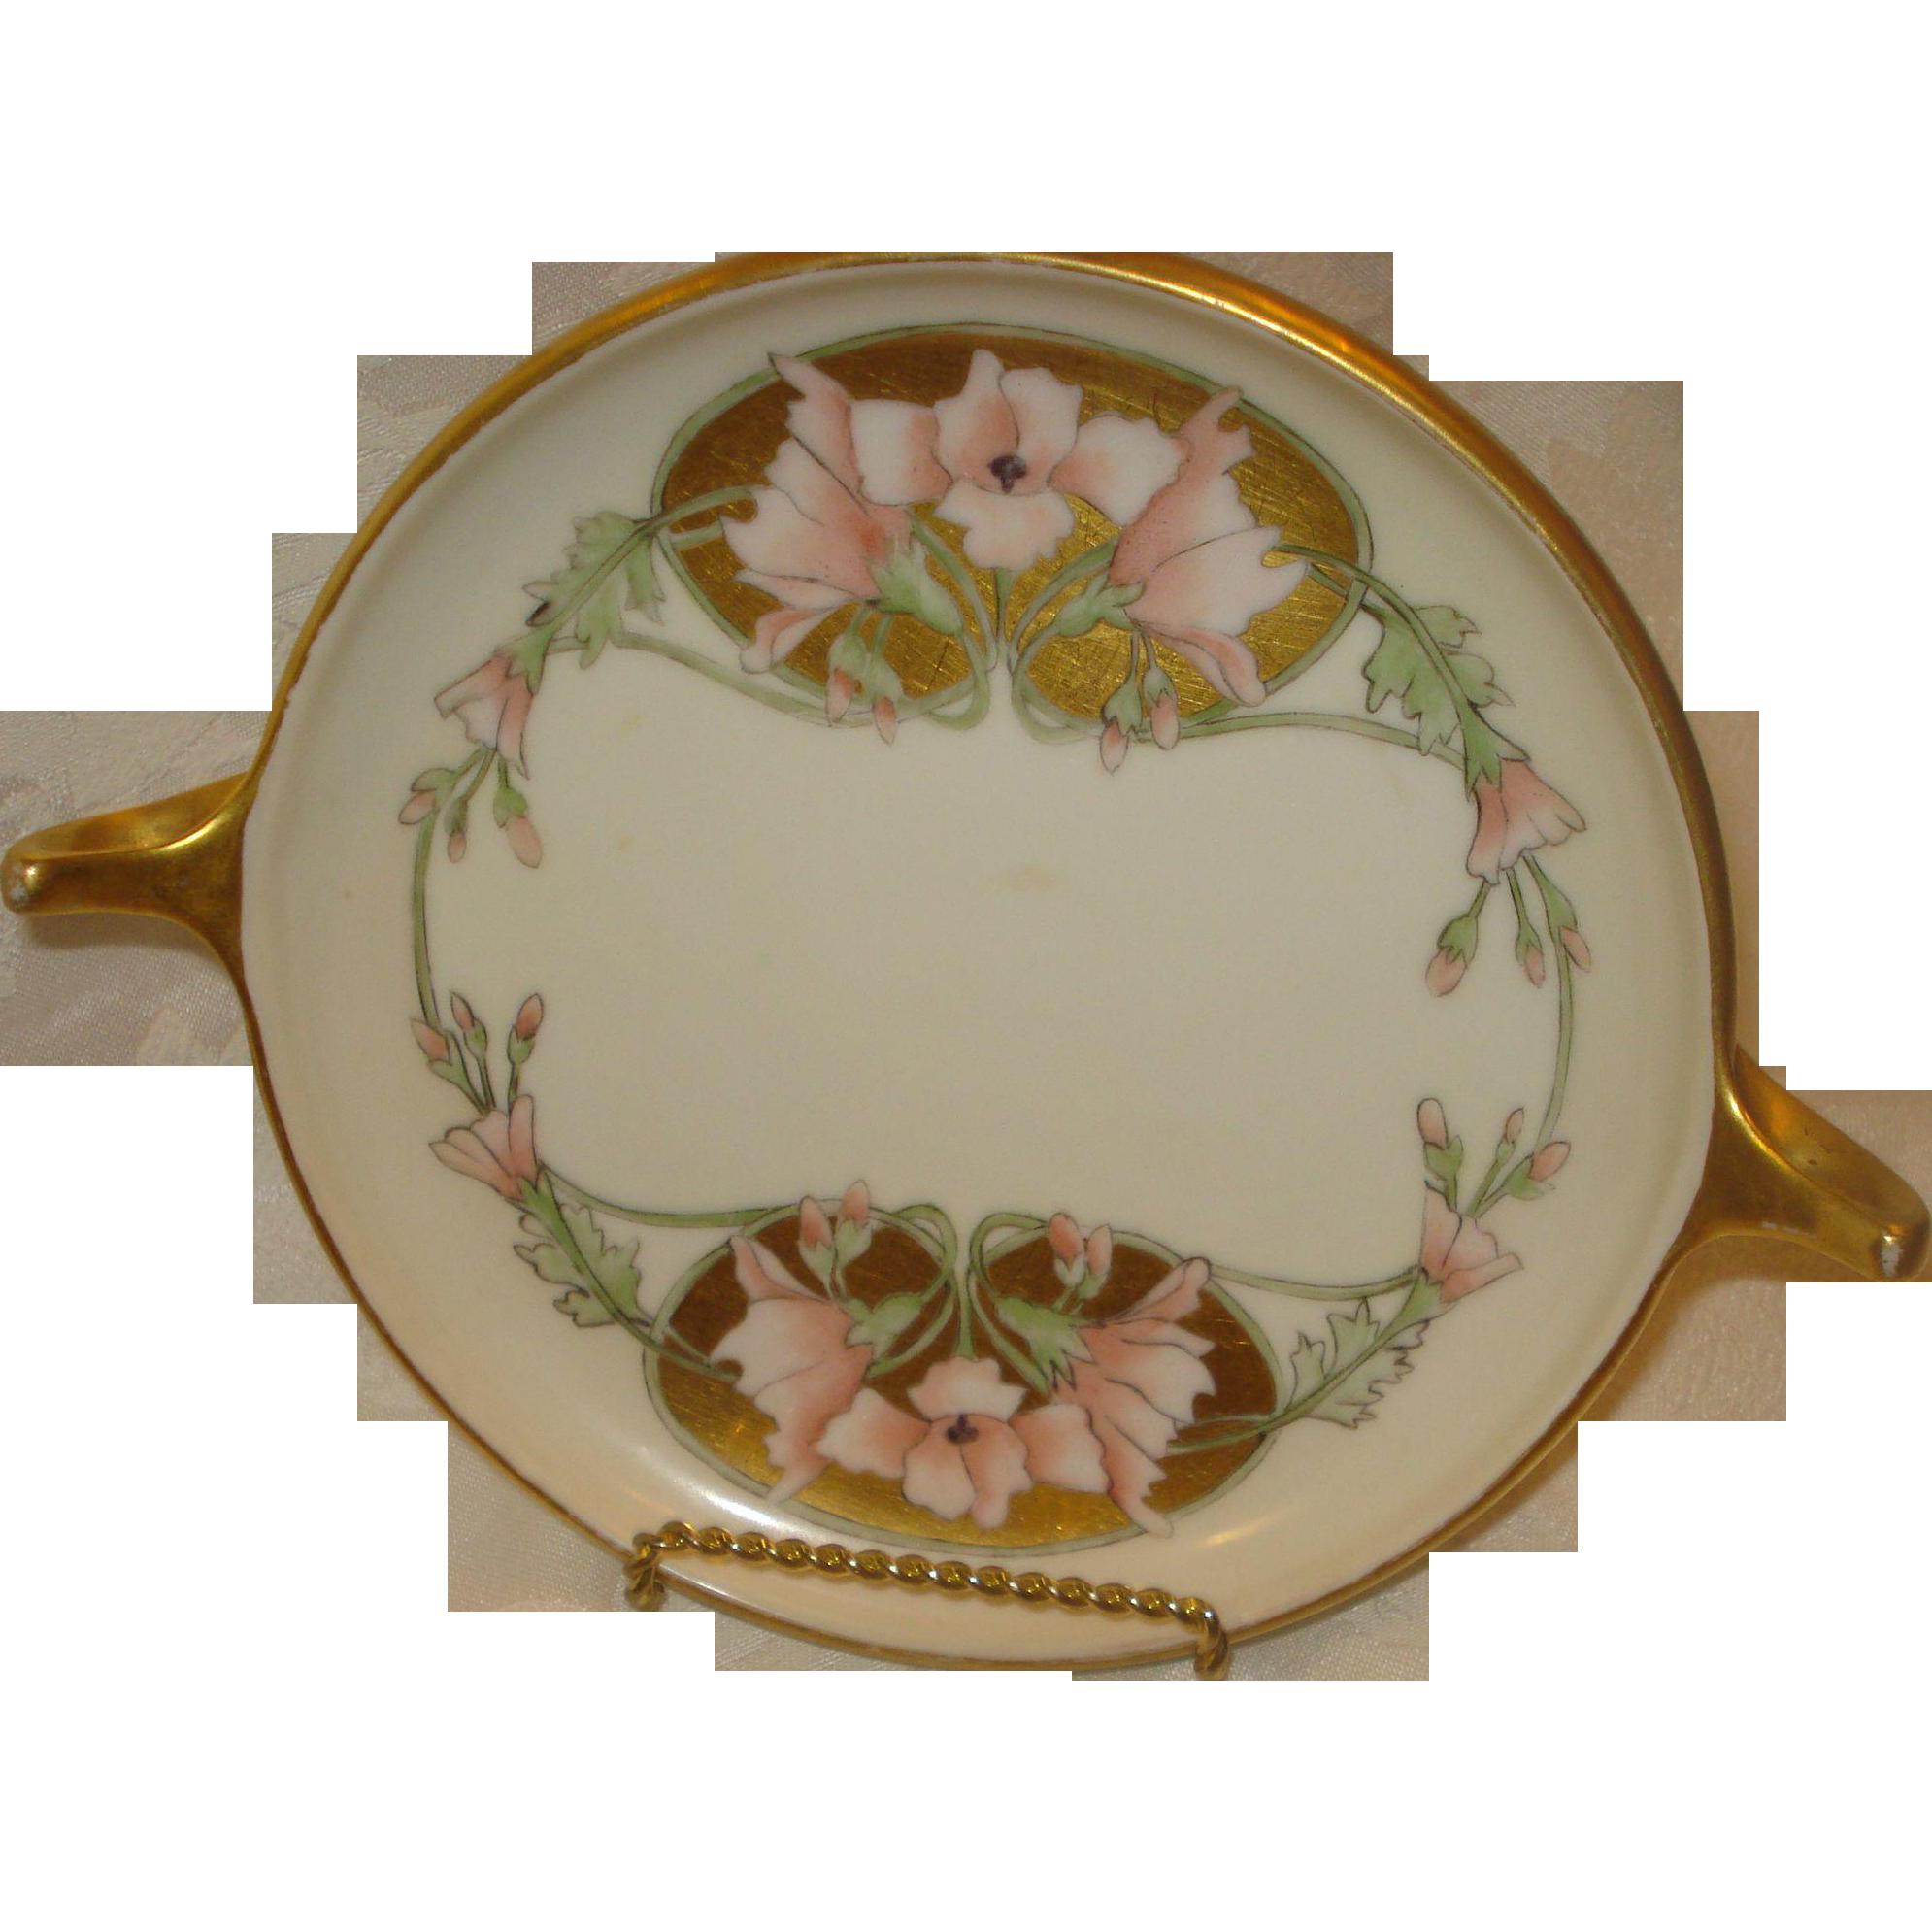 Rosenthal Bavaria Donatello Porcelain Dessert Tray